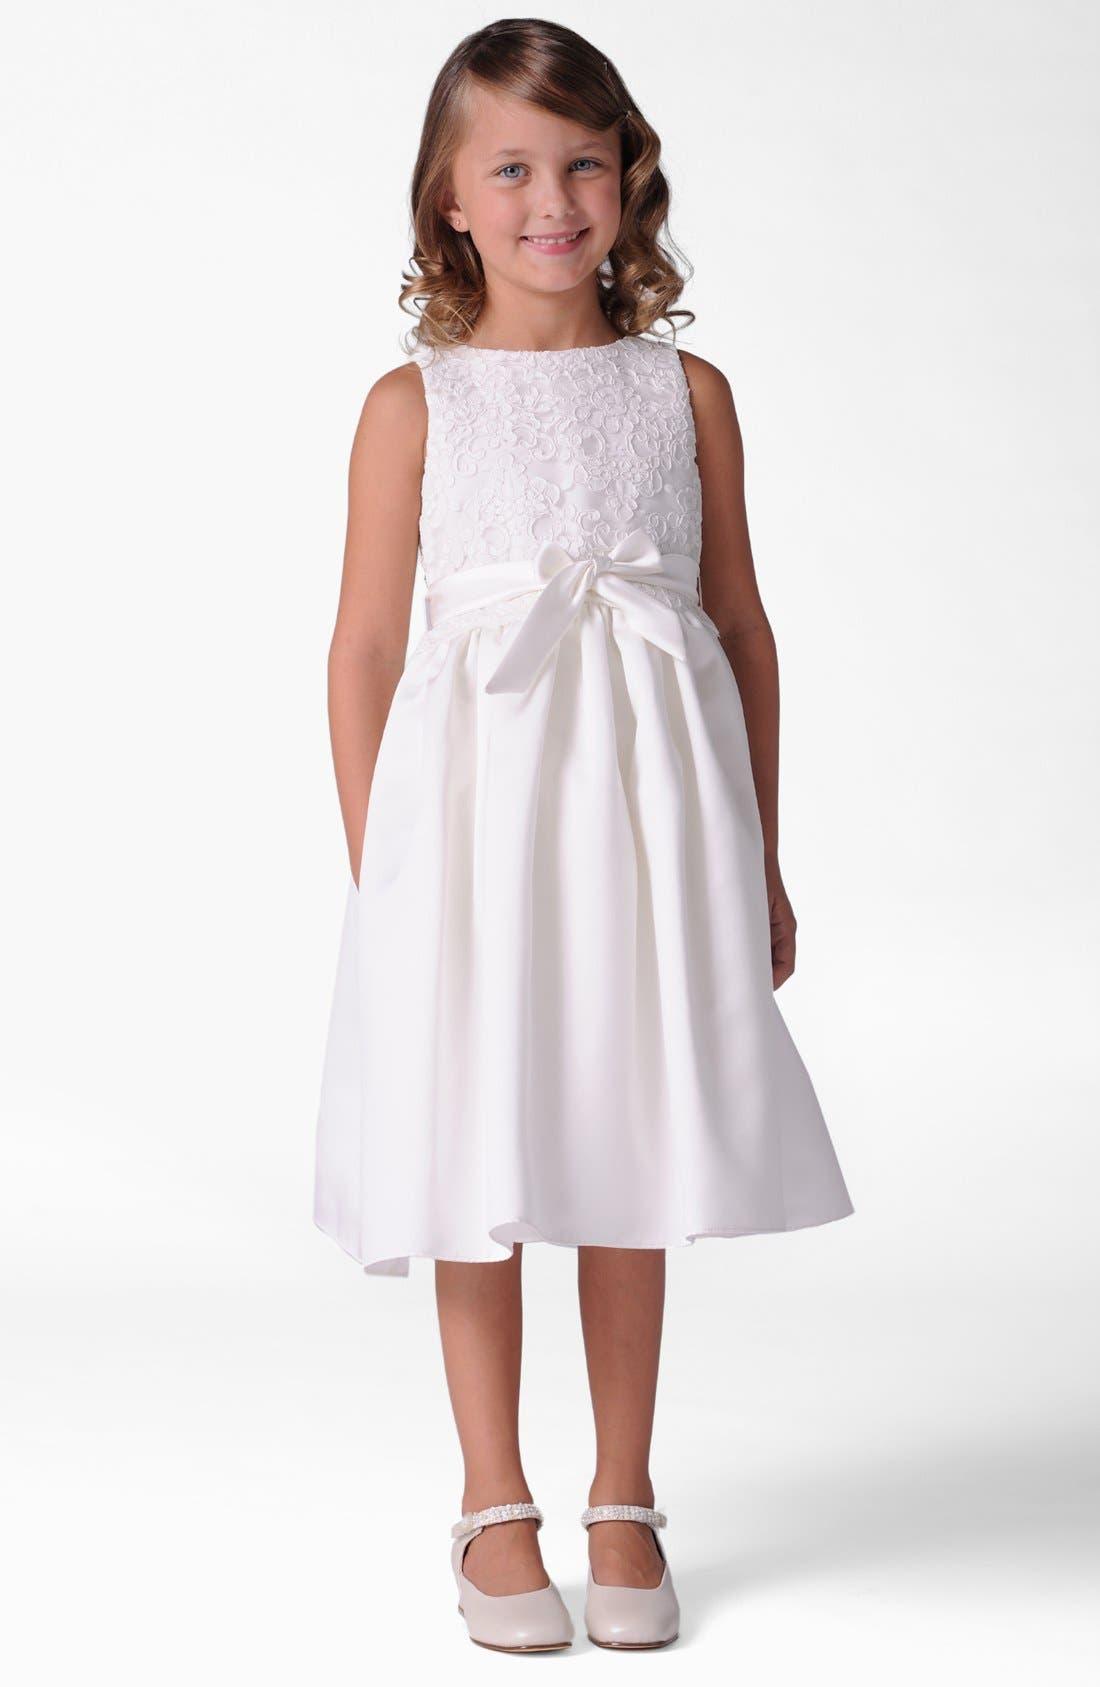 US ANGELS Lace Dress, Main, color, 900